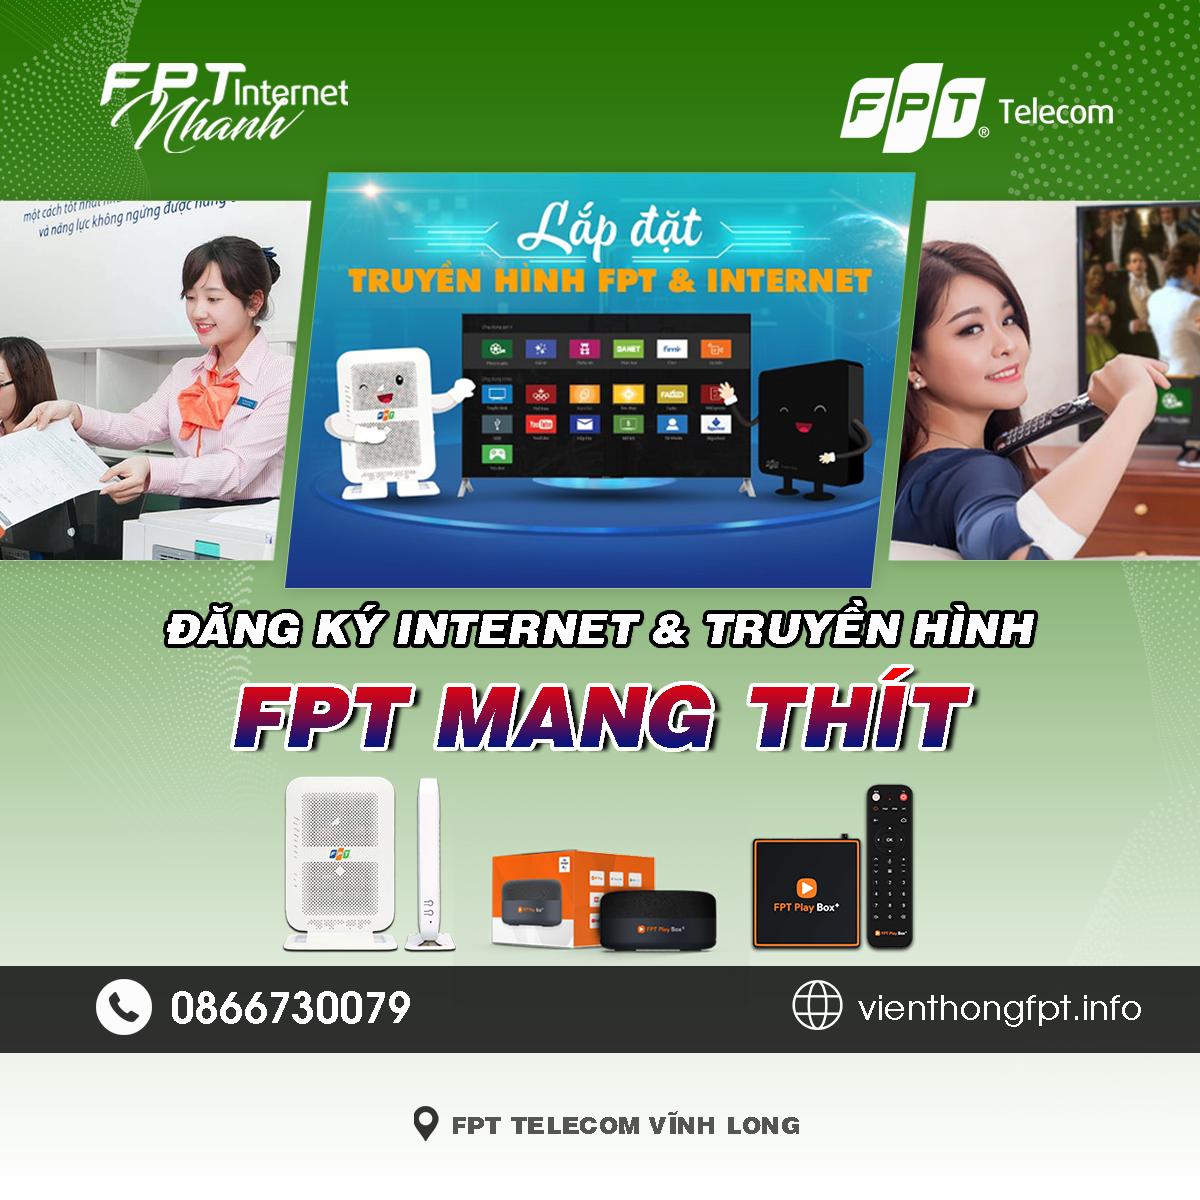 Tổng đài FPT Mang Thít - Đơn vị lắp mạng Internet và Truyền hình FPT